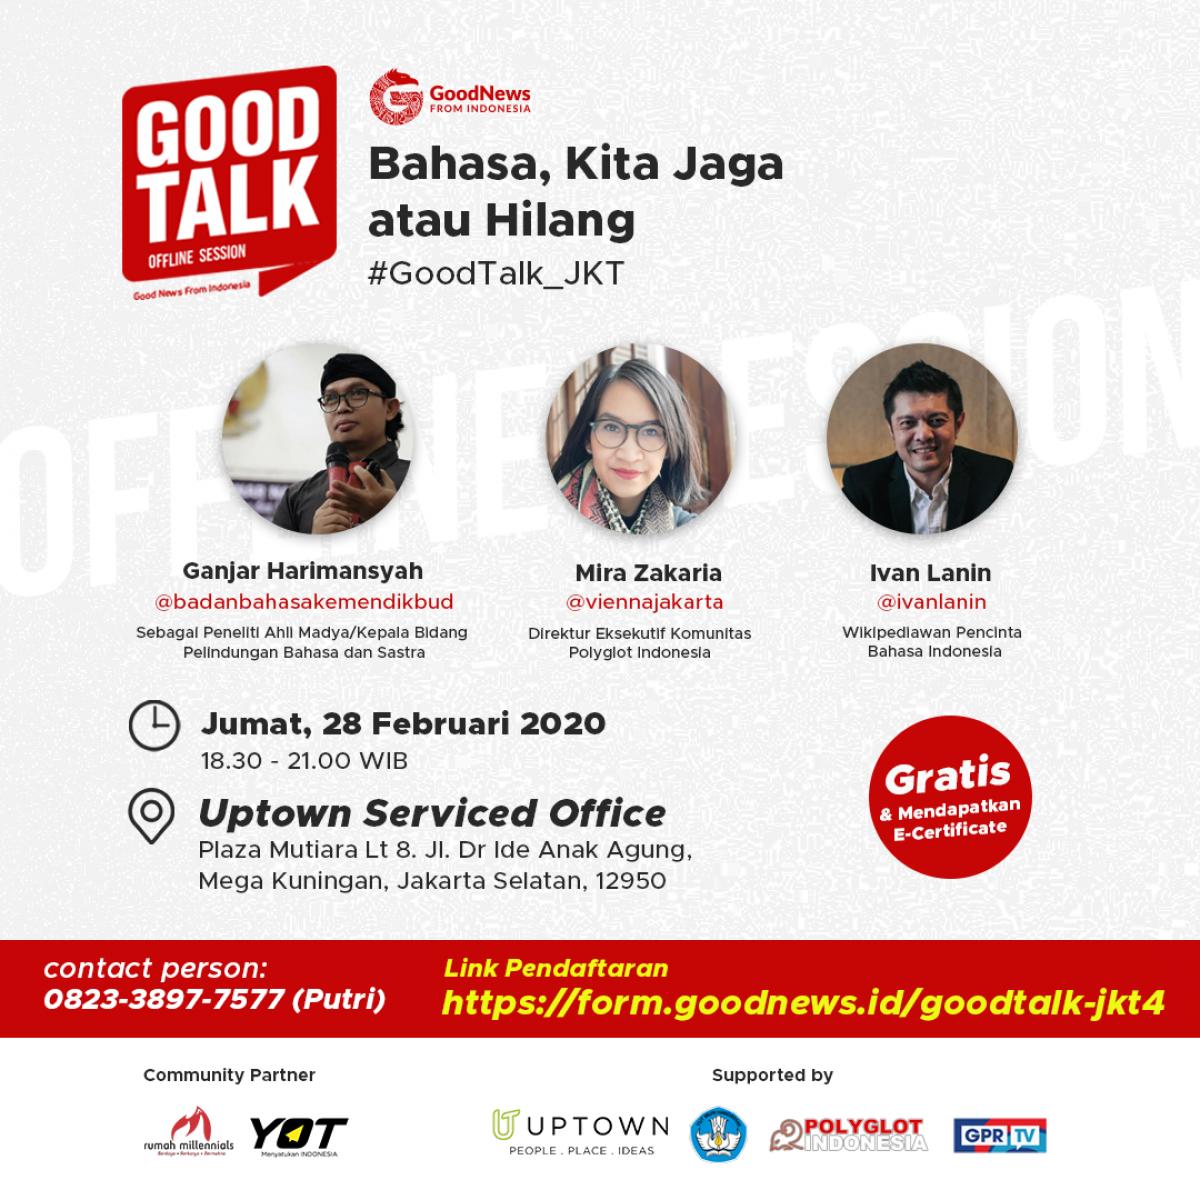 Good Talk Ingatkan Pentingnya Menjaga Bahasa Ibu